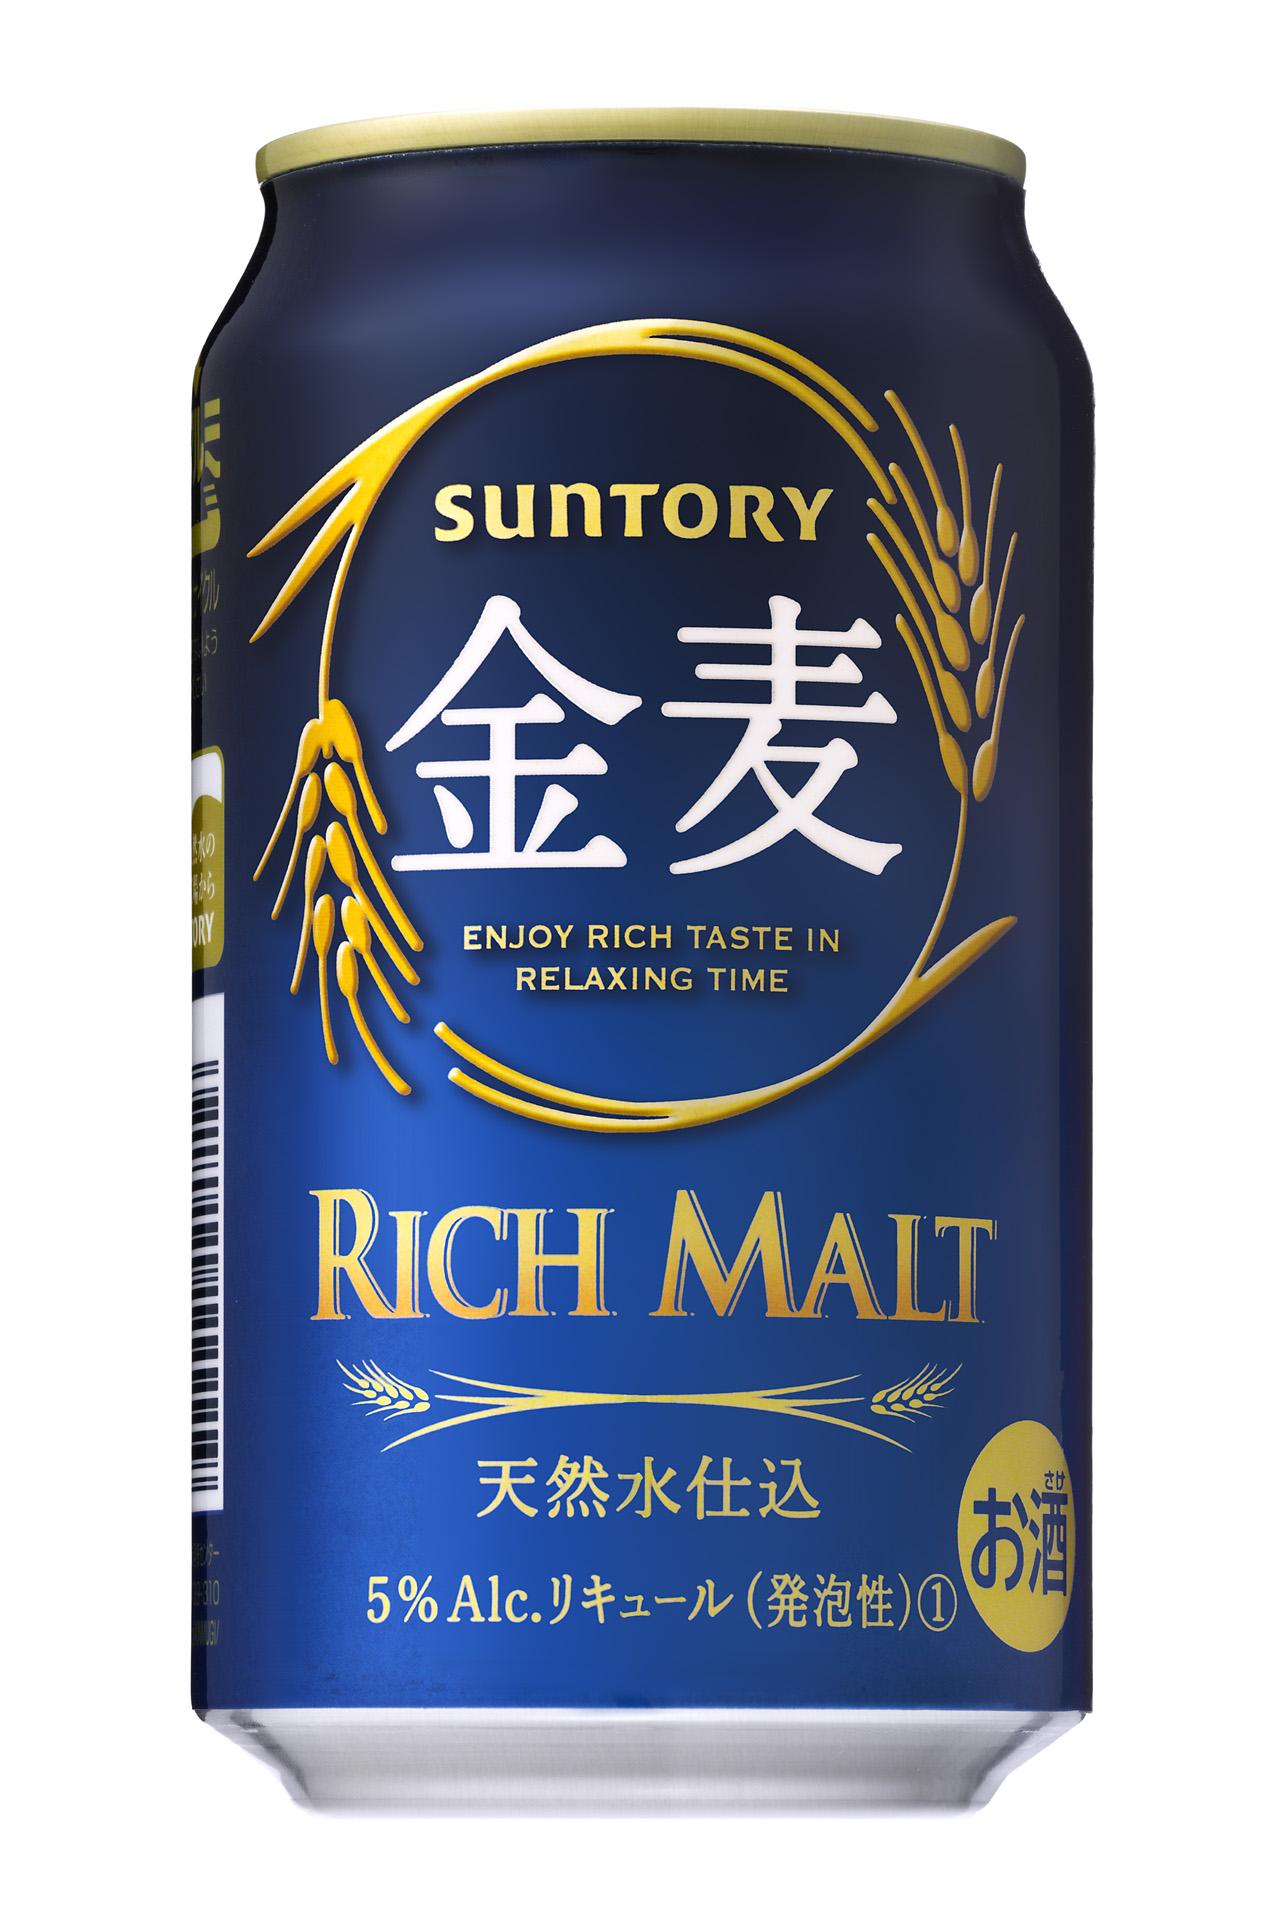 「金麦」リニューアル新発売―豊かな麦の旨みと、よりバランスのよい後味を両立――「おかえり晩酌セット一式当たる!」キャンペーンも実施―